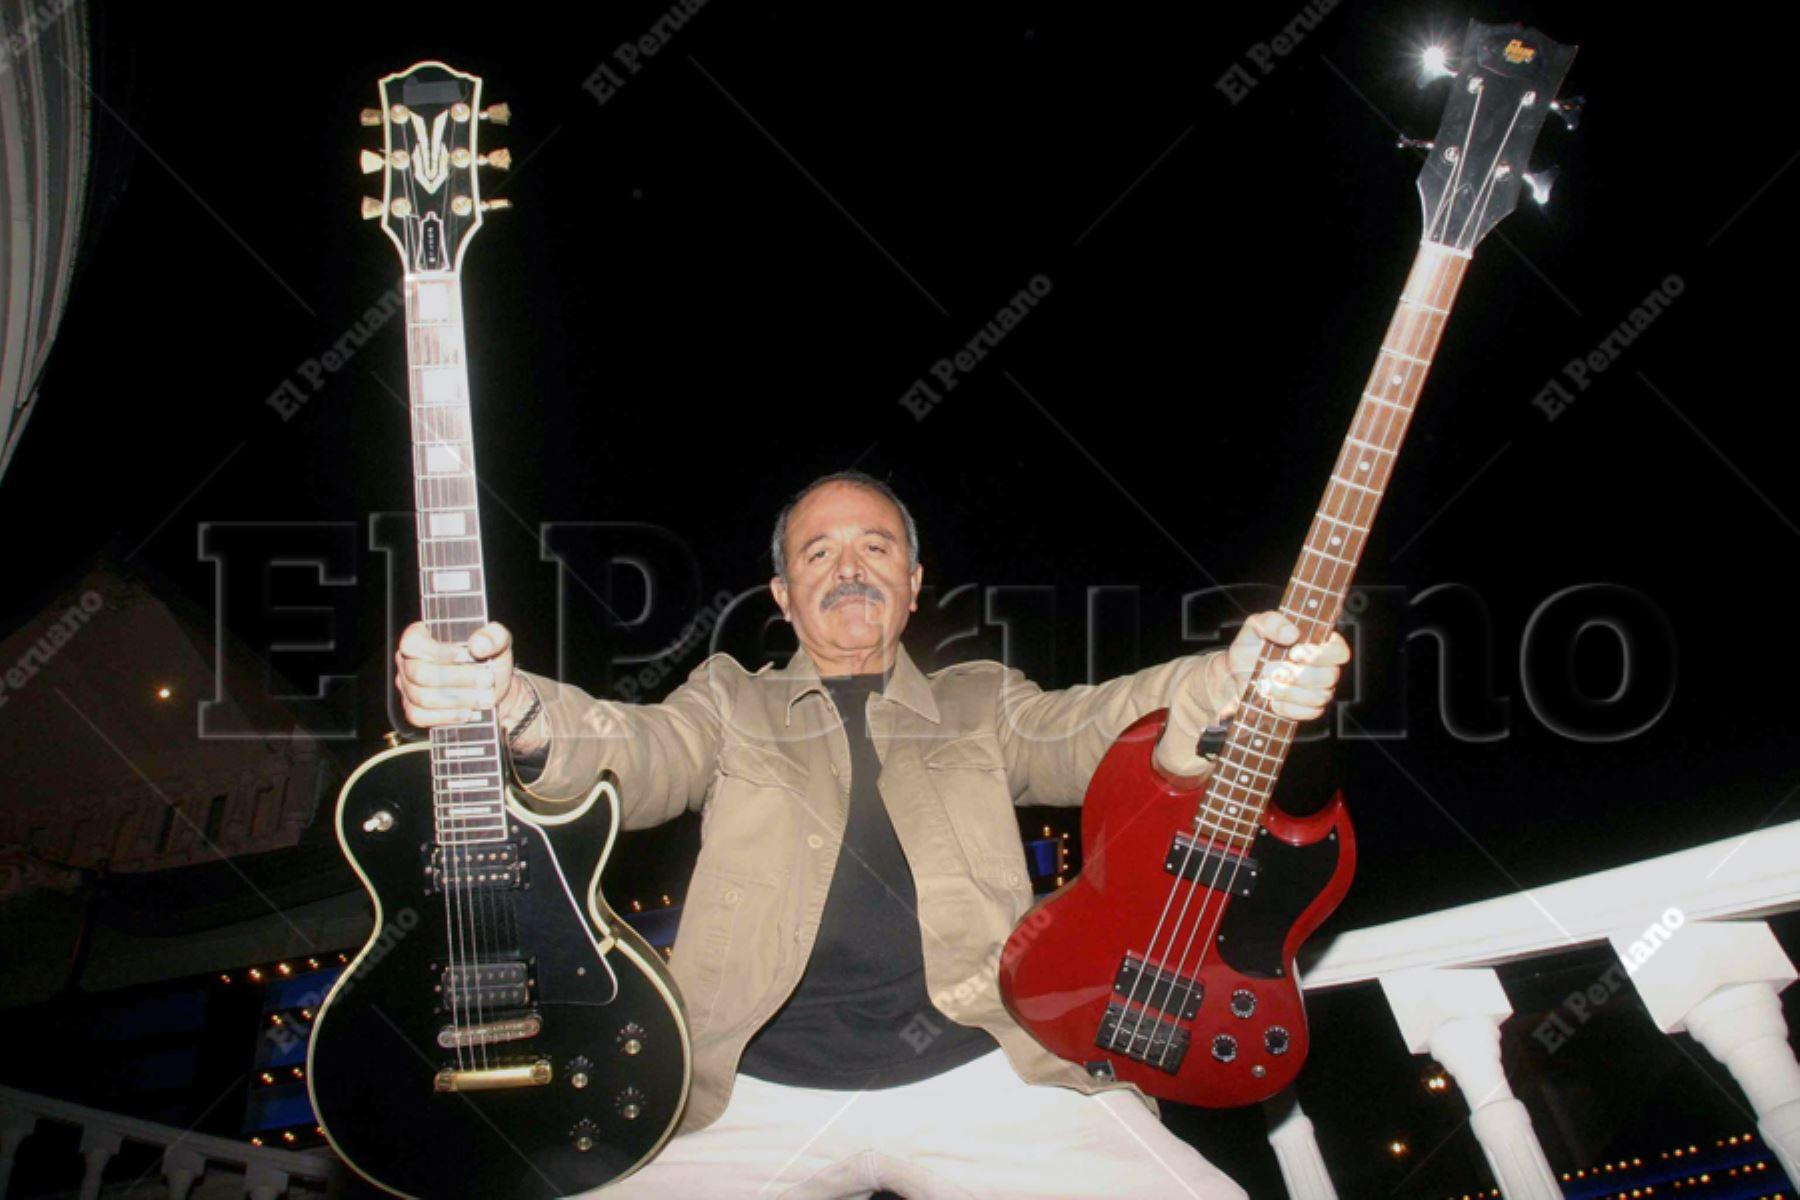 Lima - 8 setiembre 2006 / Gerardo Manuel, el gran rockero peruano, celebrara sus 60 años. Foto:ANDINA/Archivo